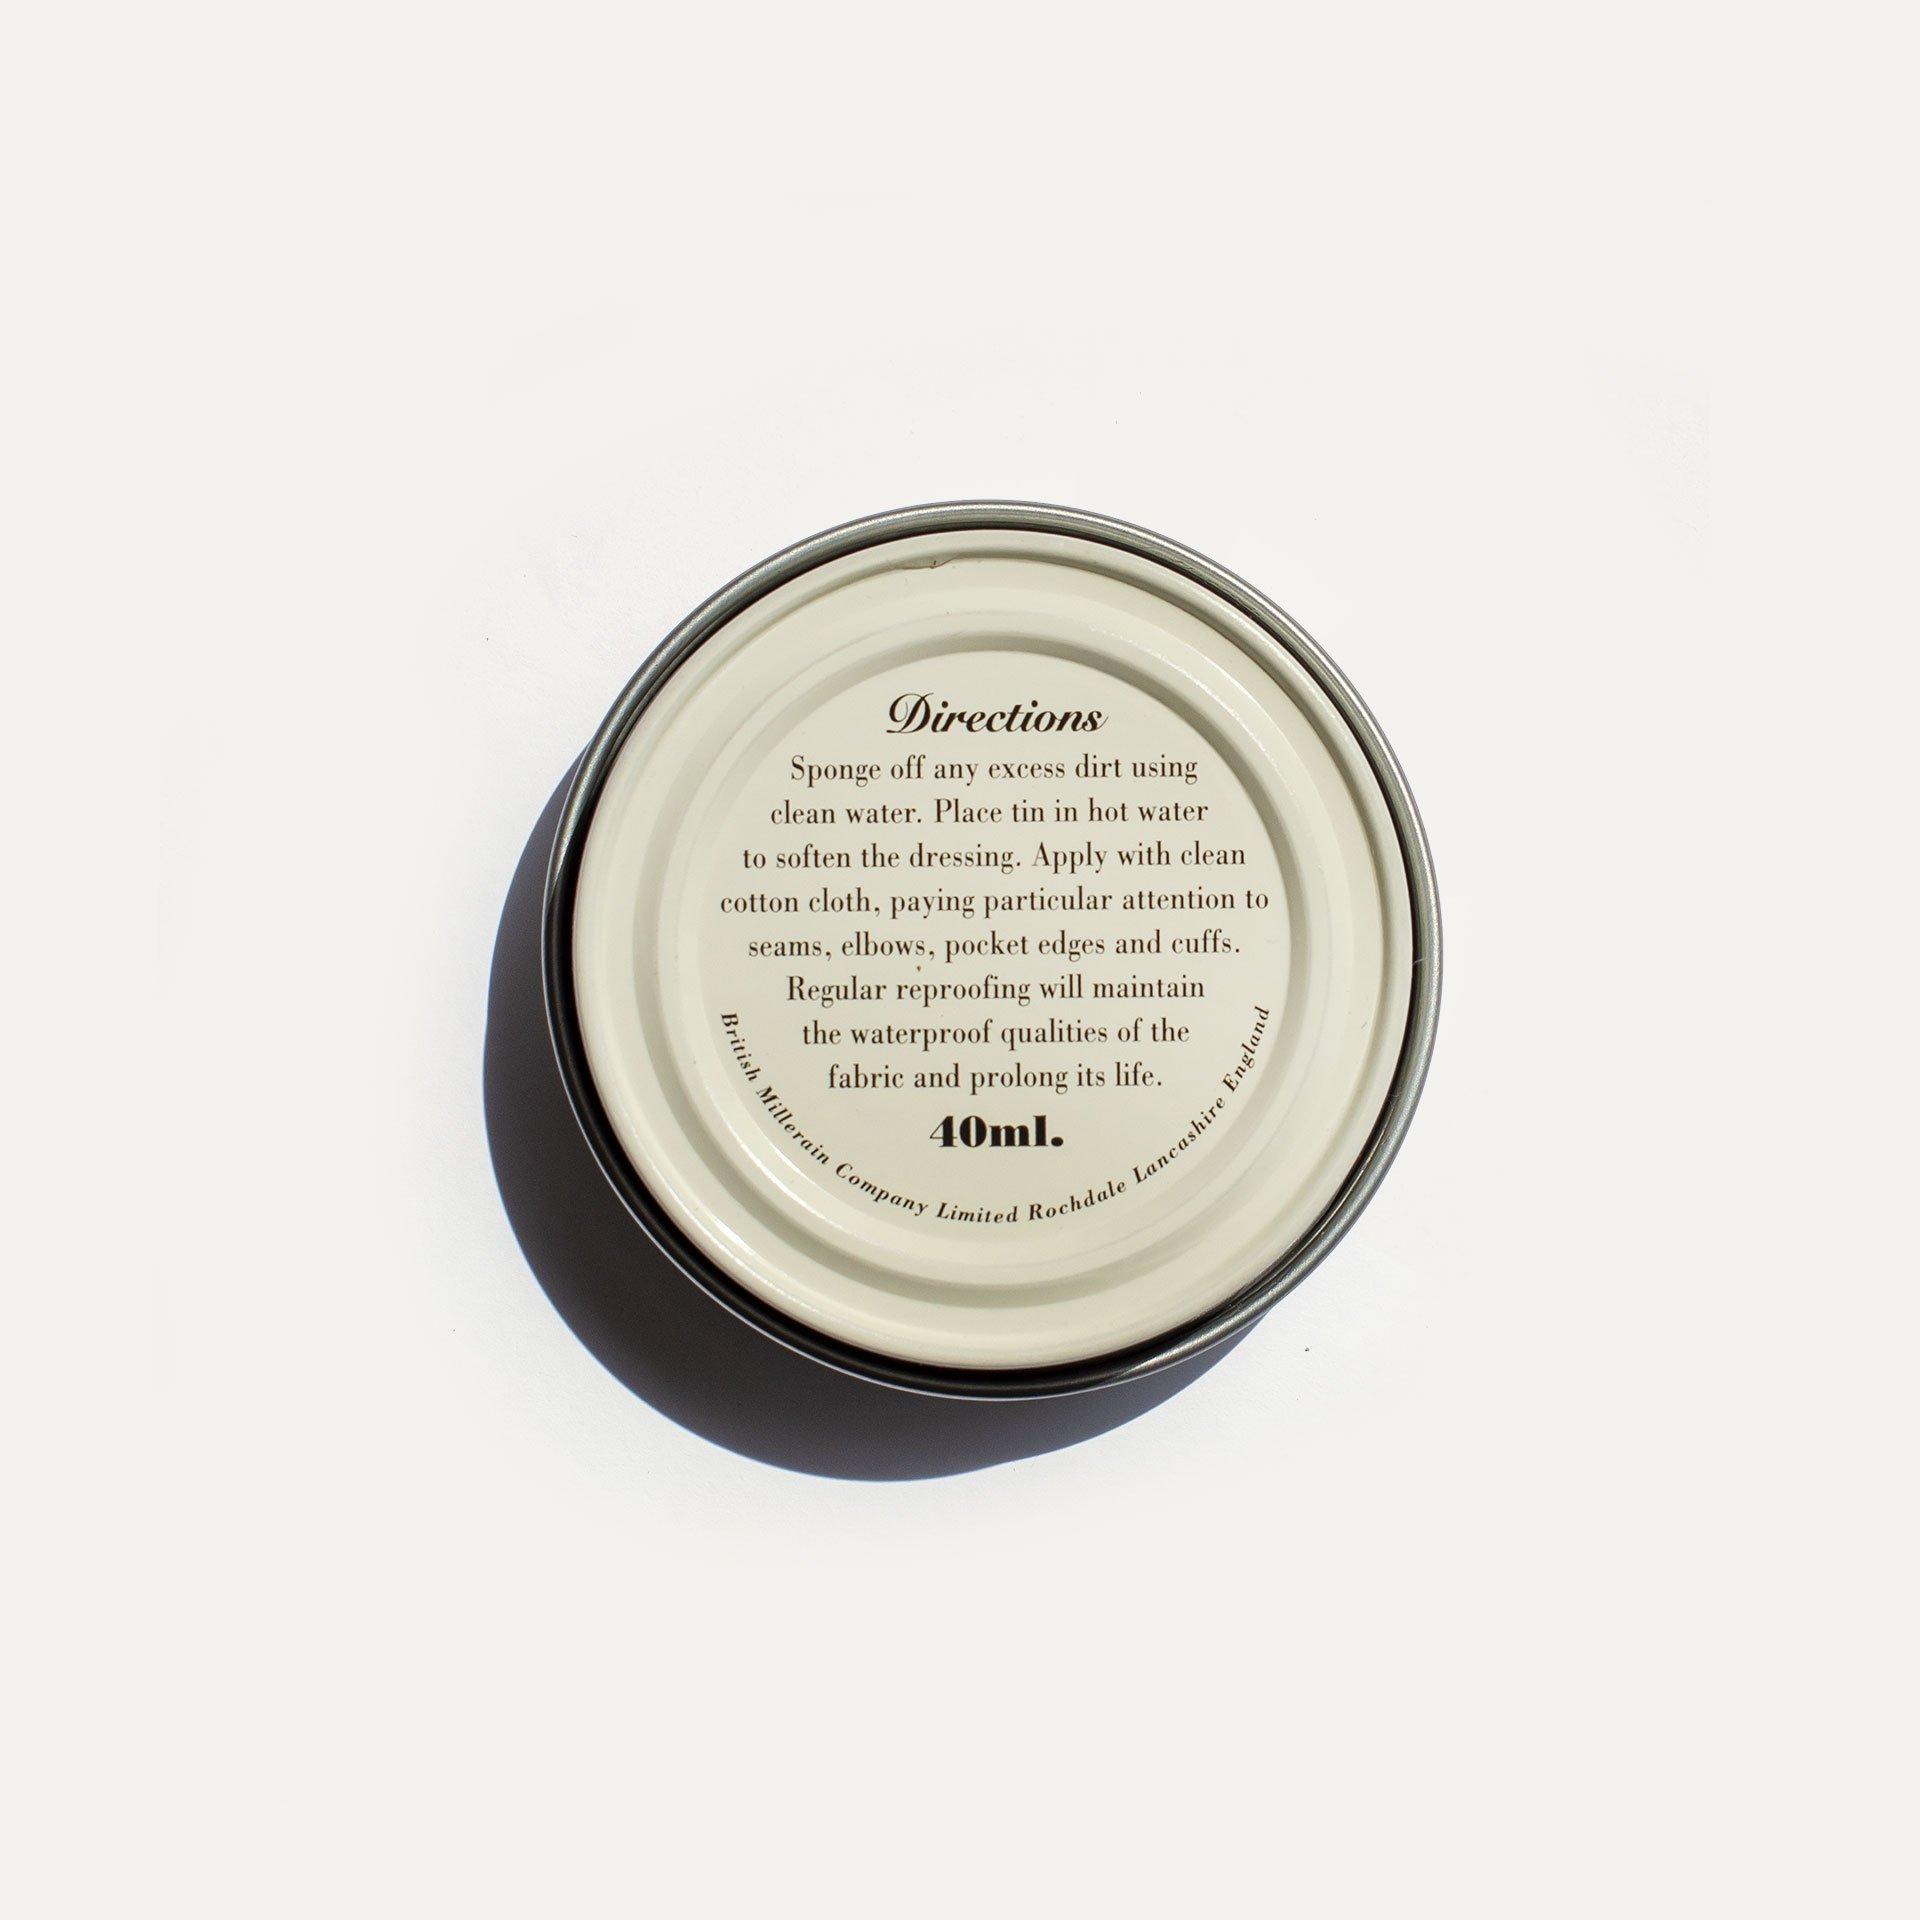 Cire rénovatrice - Toile coton waxée (image n°2)